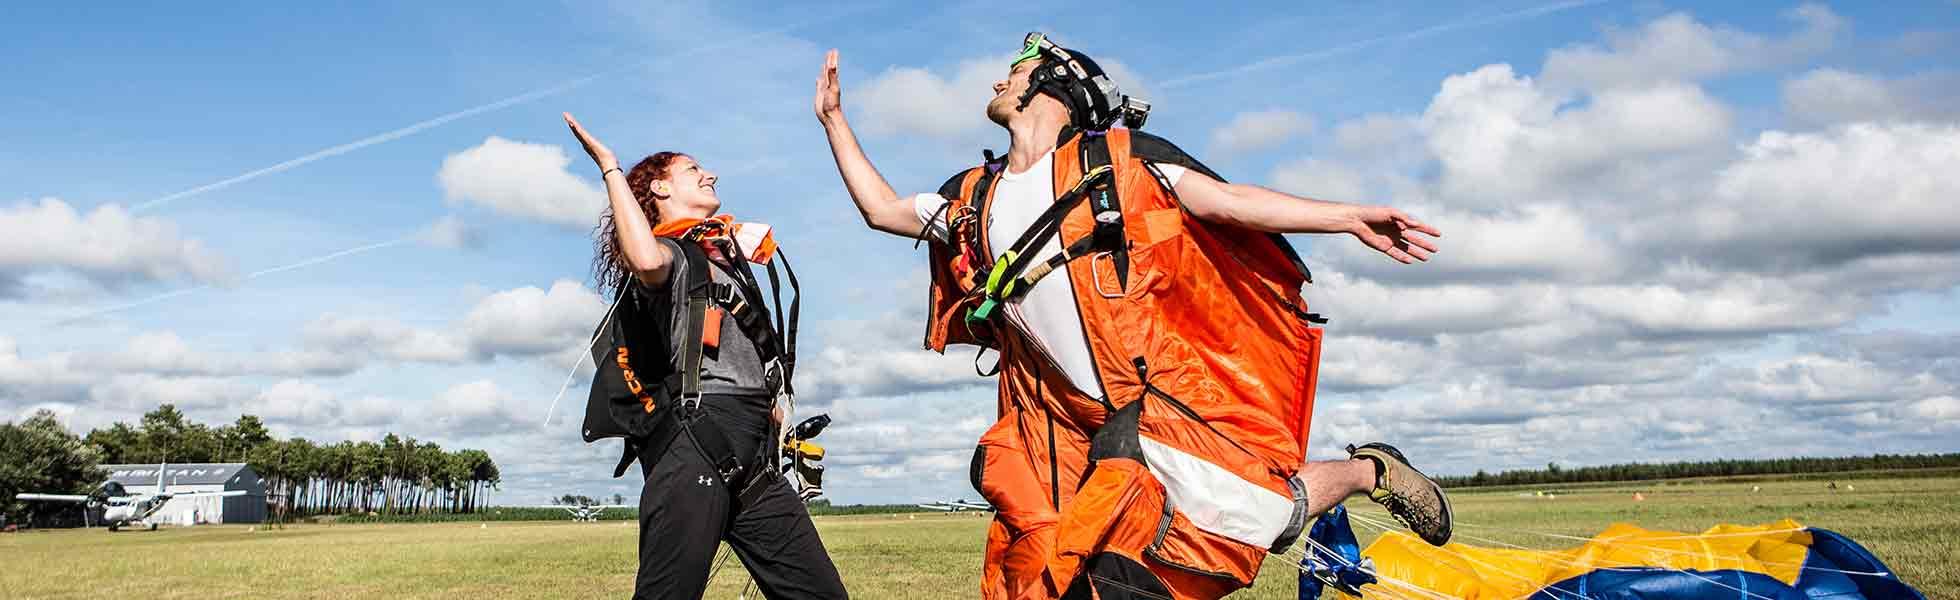 Skydive opleiding Franrkijk